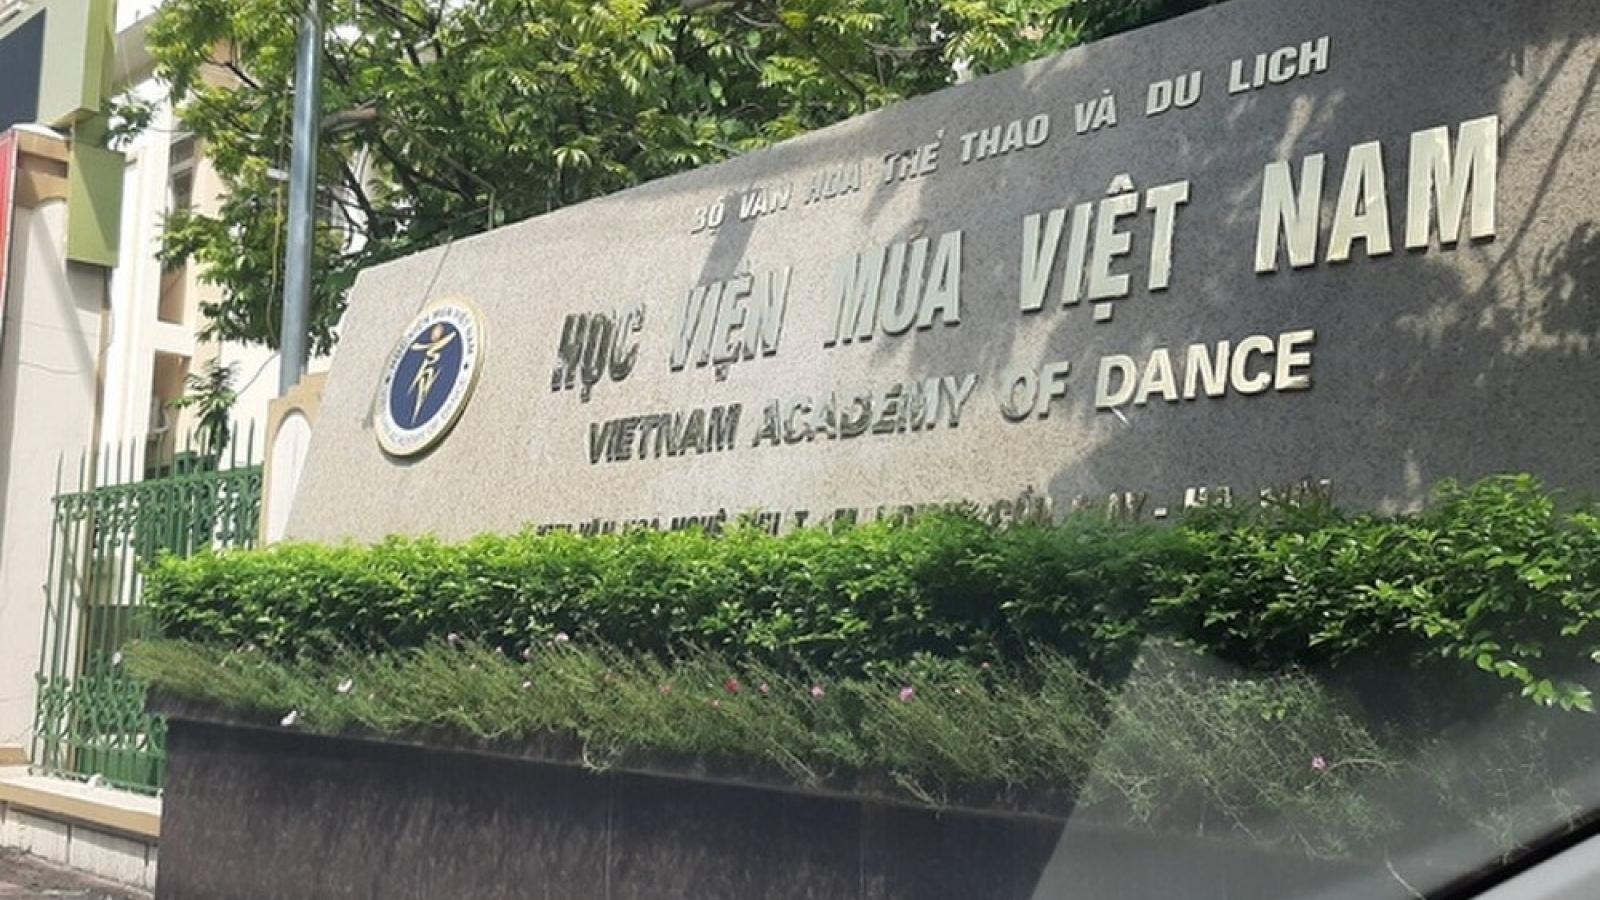 Học viện Múa Việt Nam gặp mặt báo chí và phụ huynh: Quả bóng trách nhiệm bị chuyển hướng